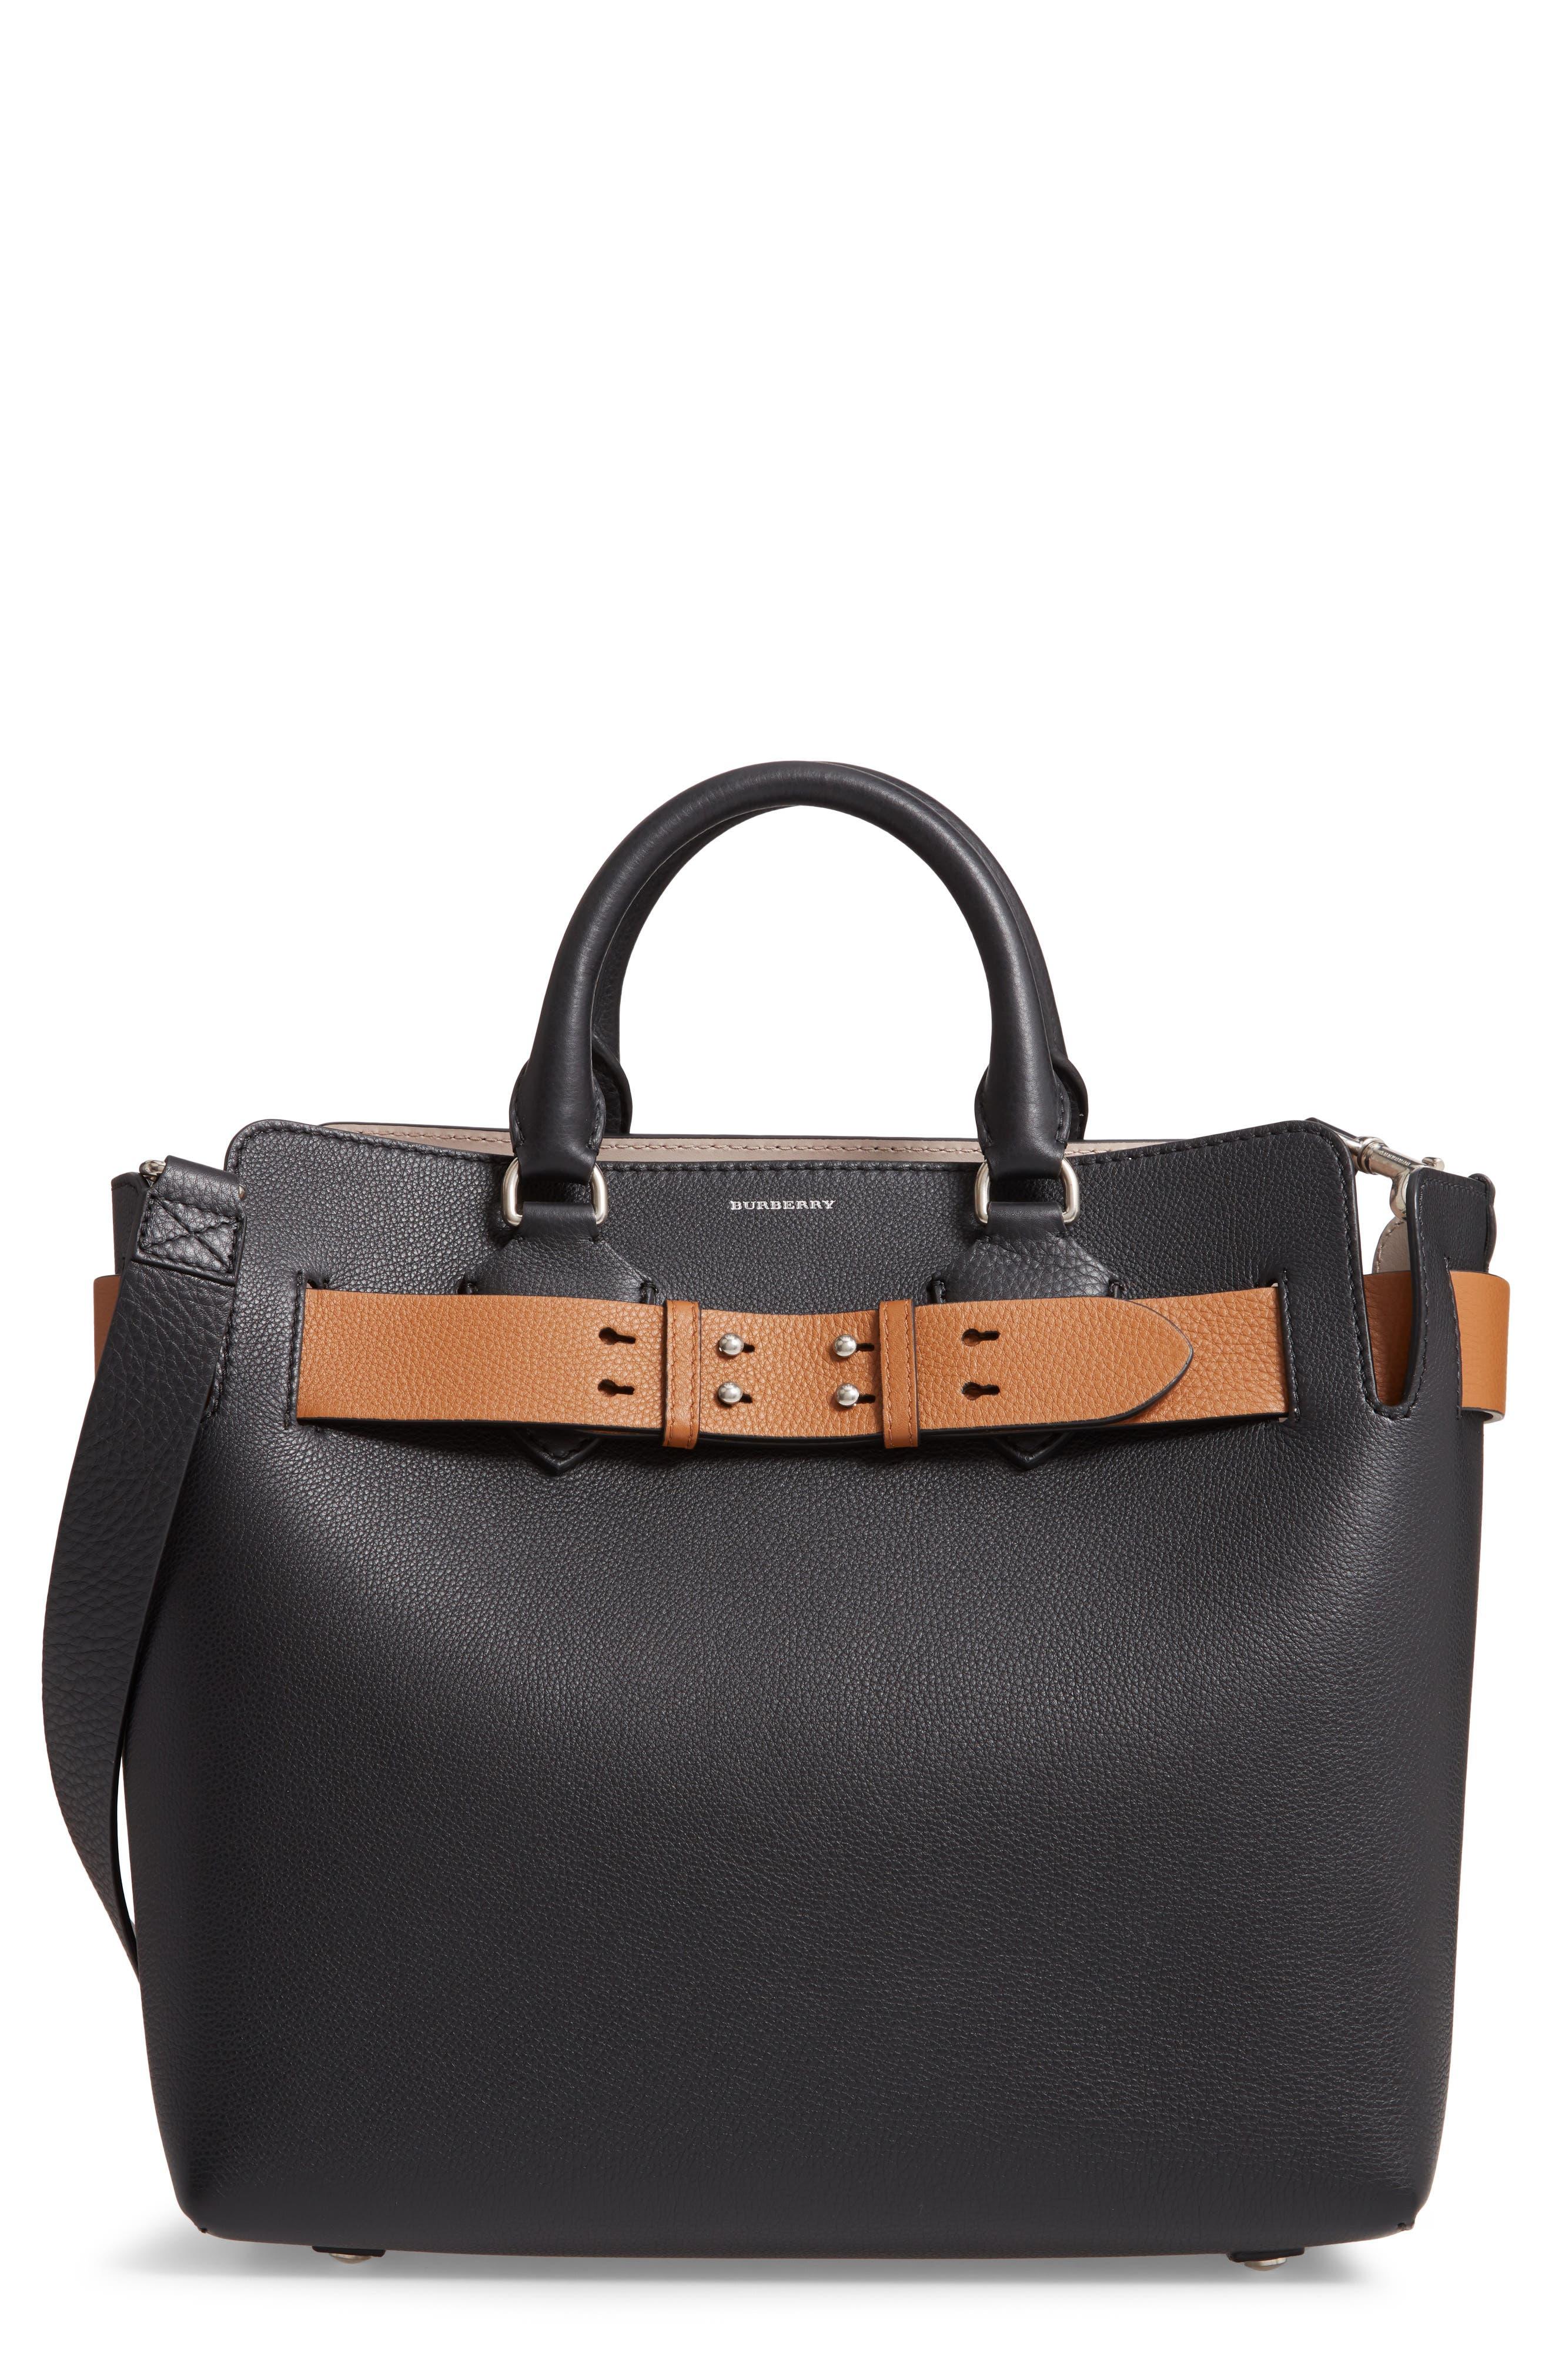 b2e9029d0ab8 burry berry handbags | Nordstrom